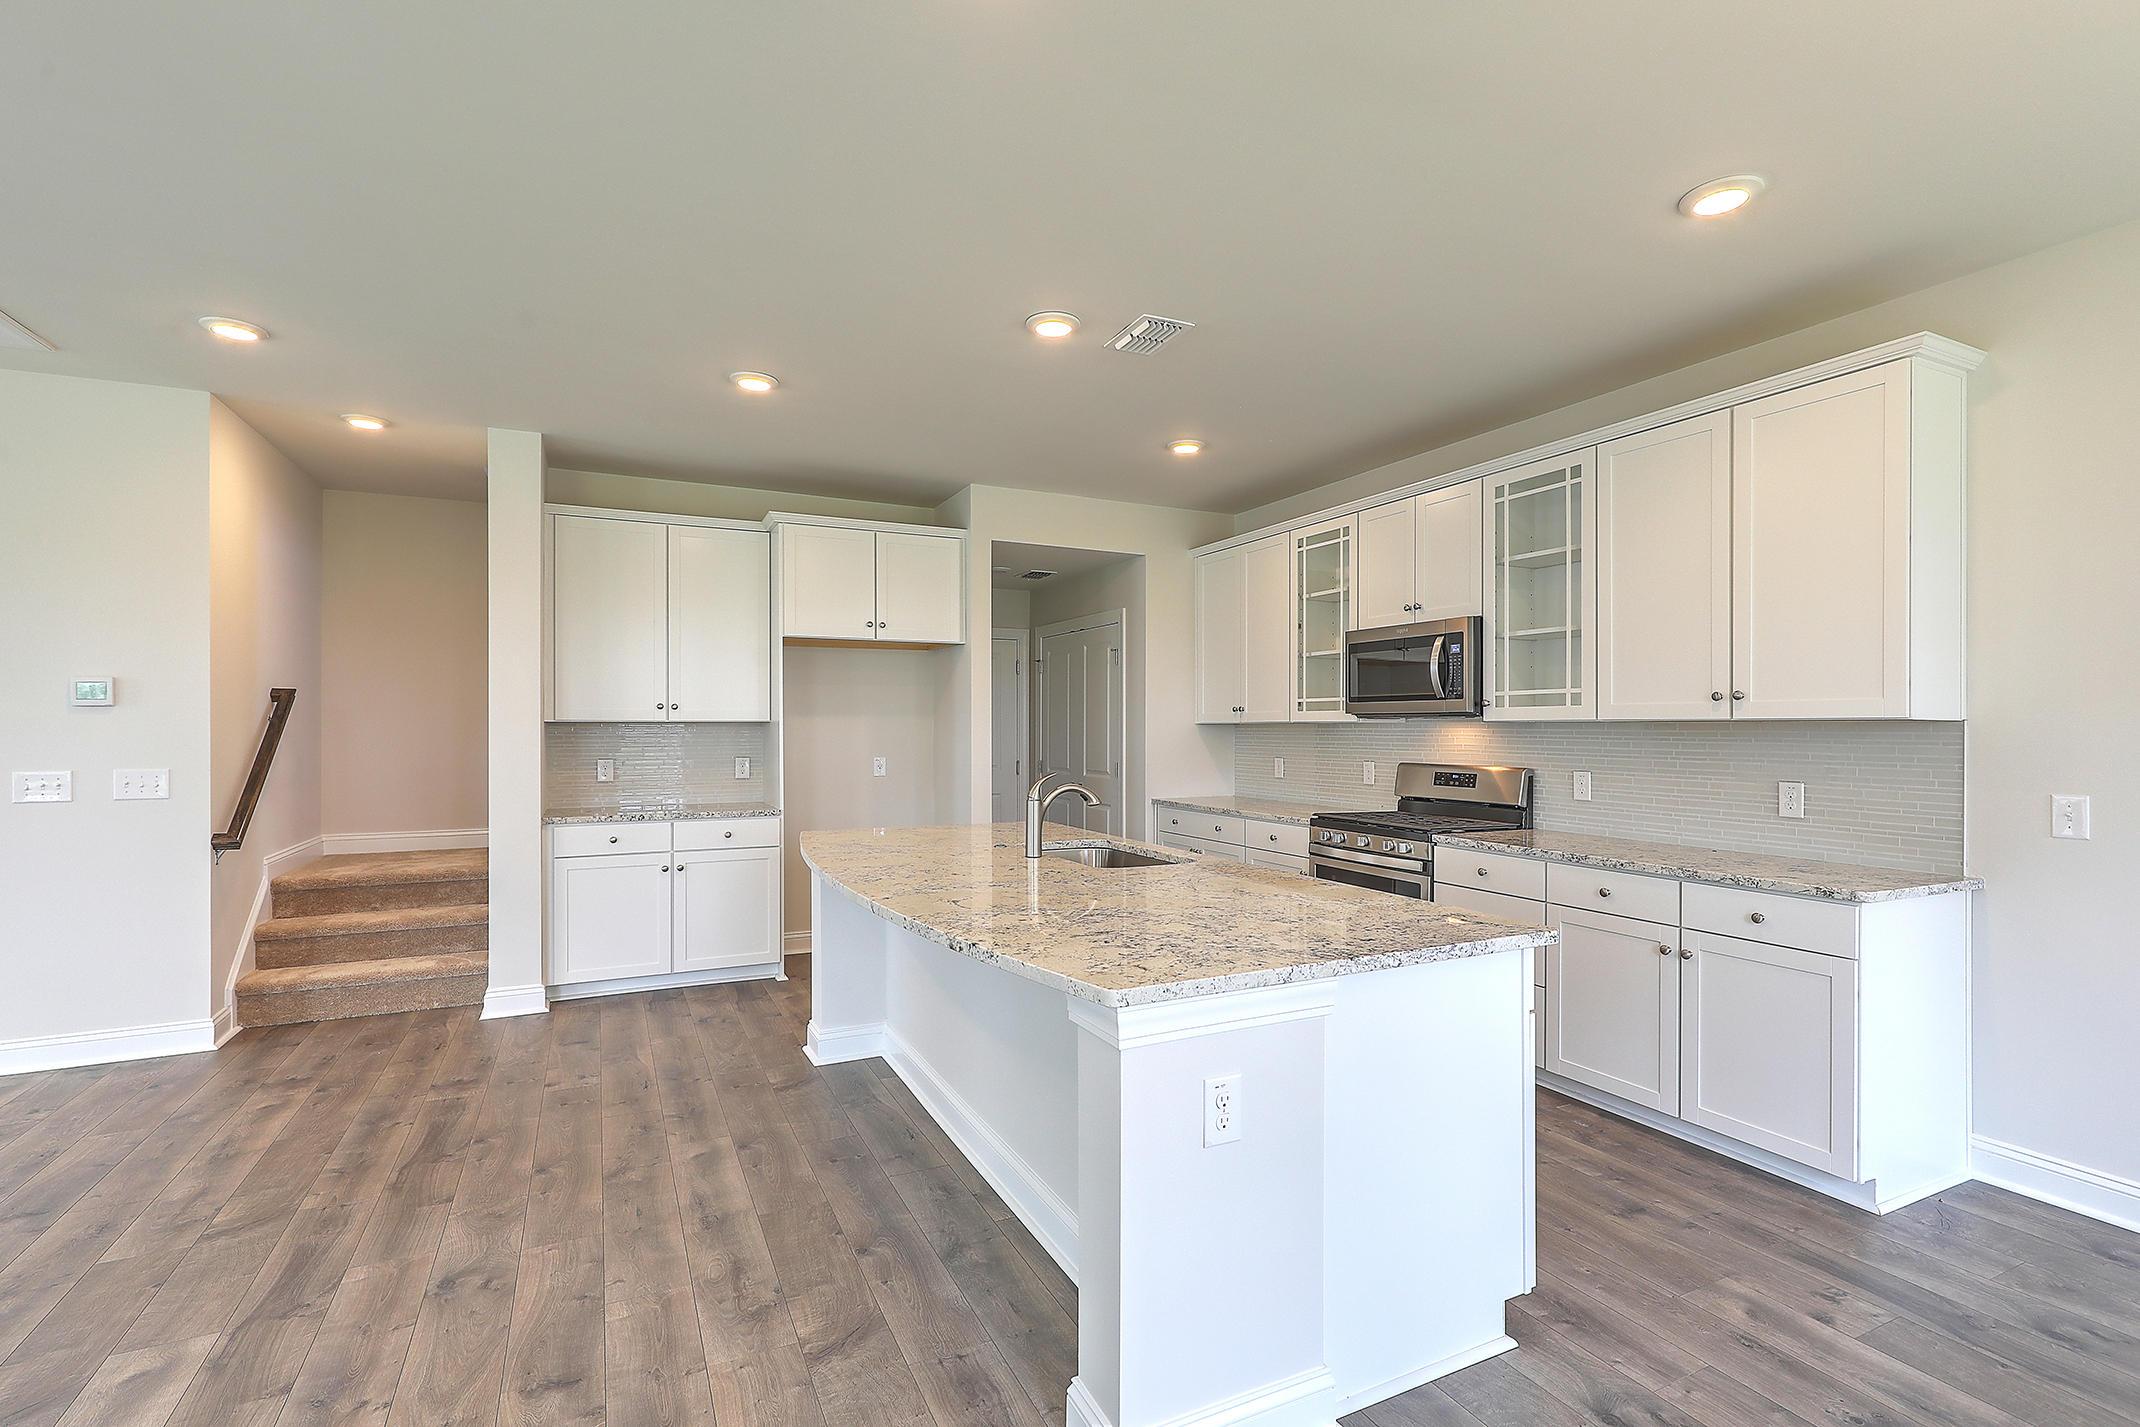 Cane Bay Plantation Homes For Sale - 117 Cotesworth, Summerville, SC - 9